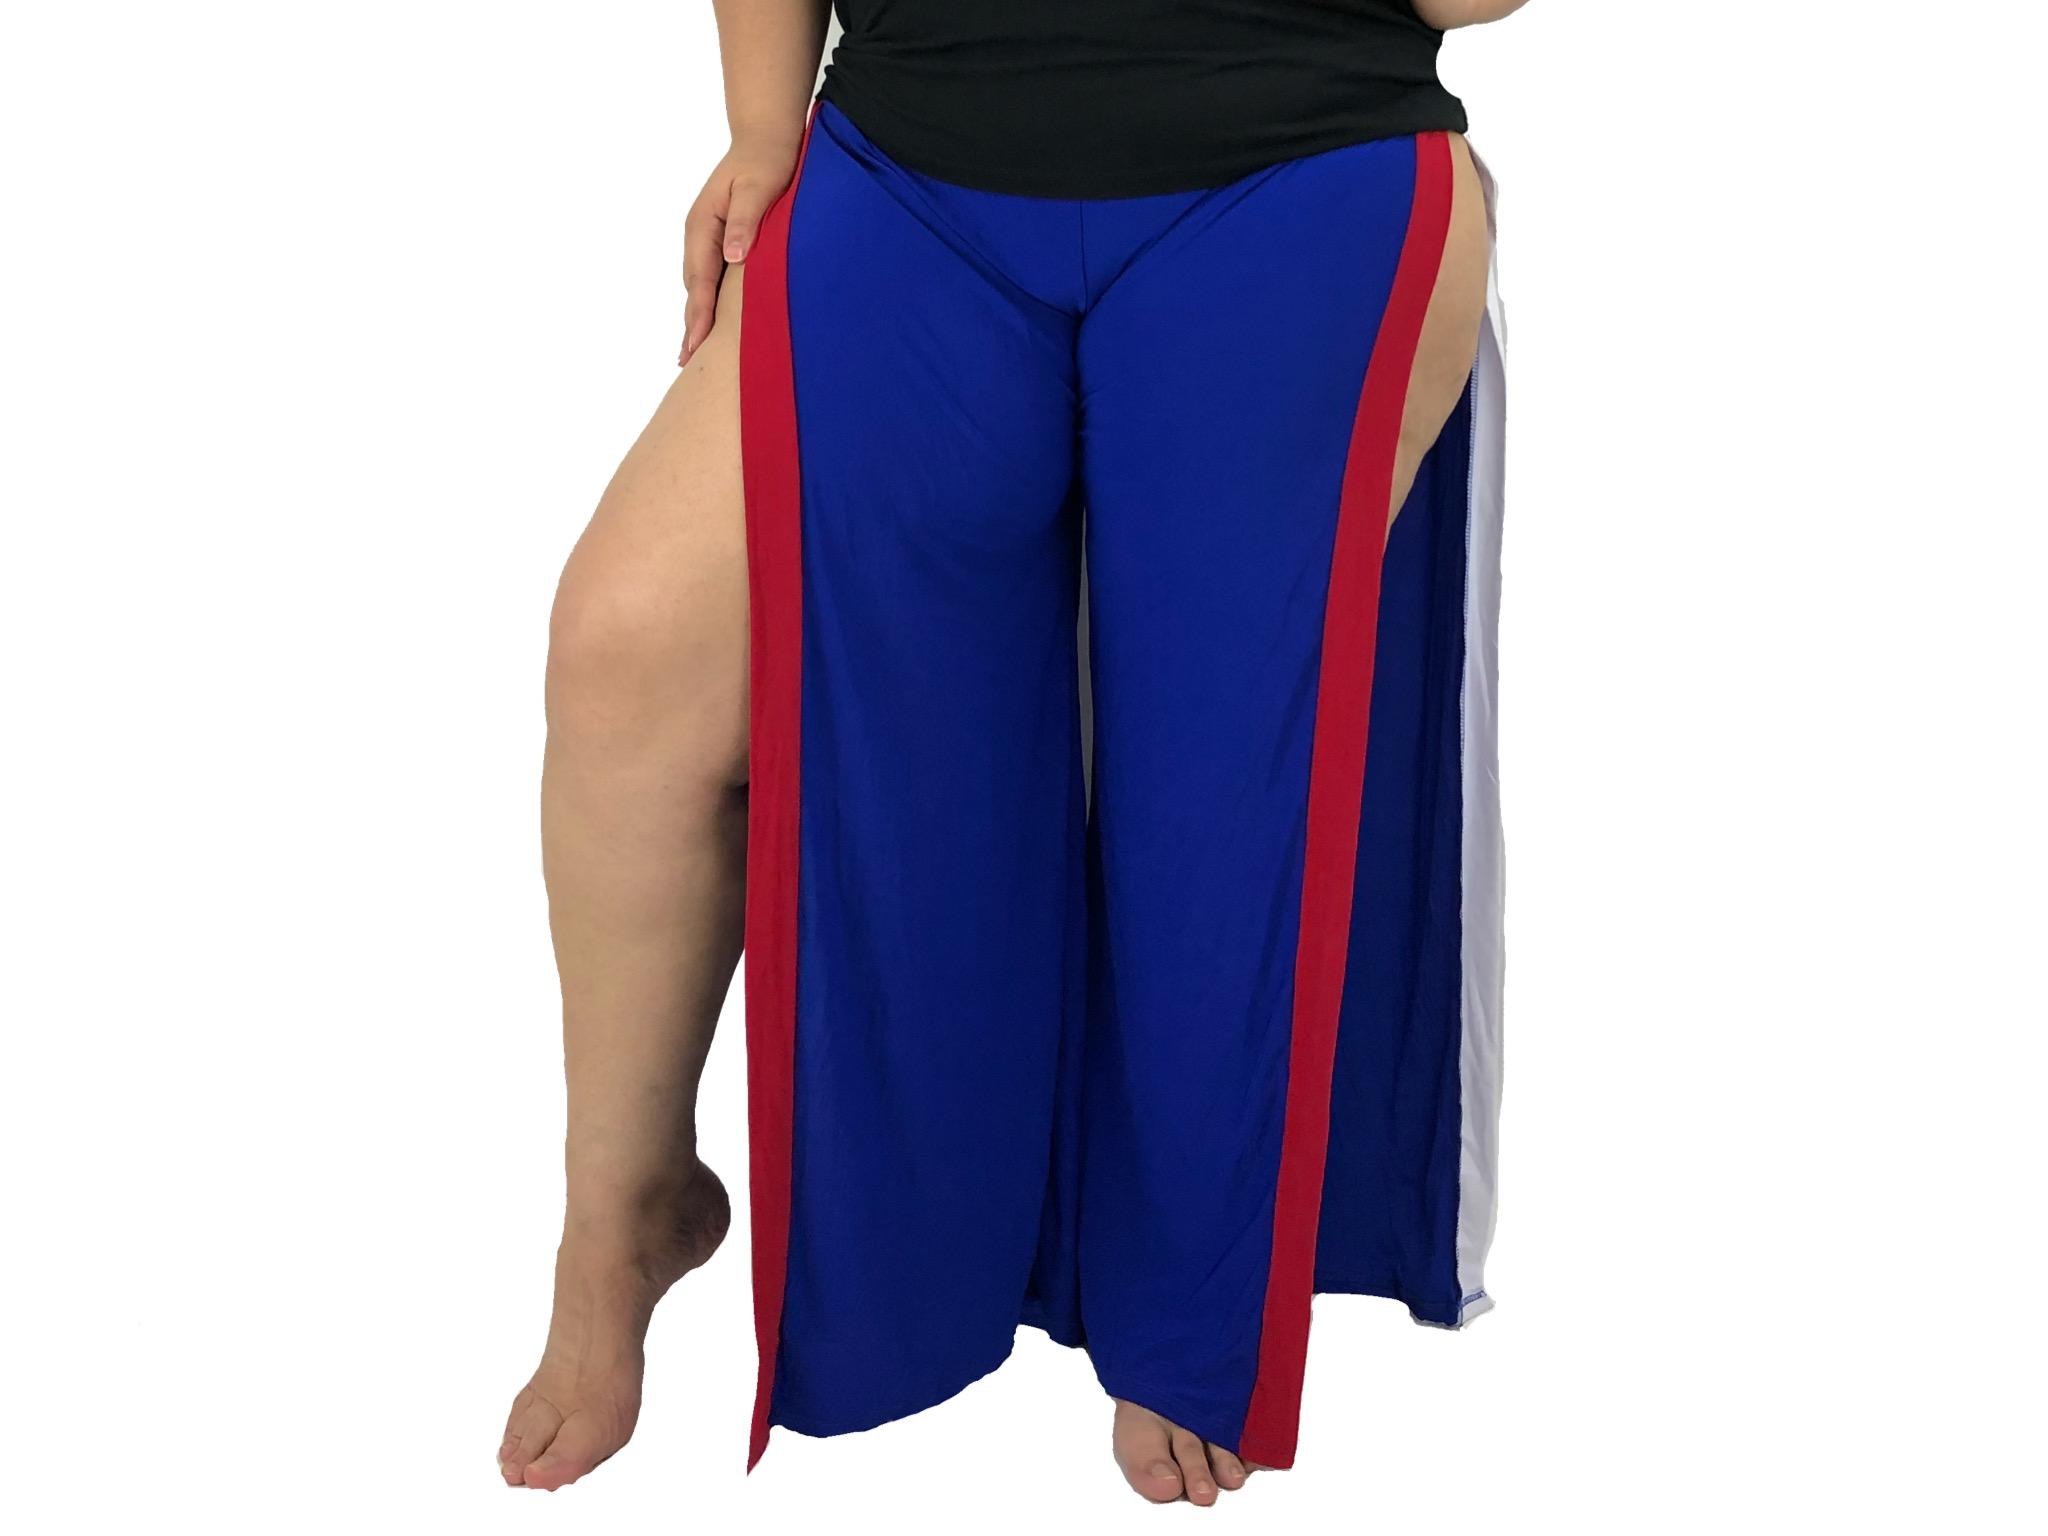 Pantalon Mujer Largo Azul Con Rayas Rojo Y Blanco Al Lado Y Abierto A Los Lados Nuevo Dto Store